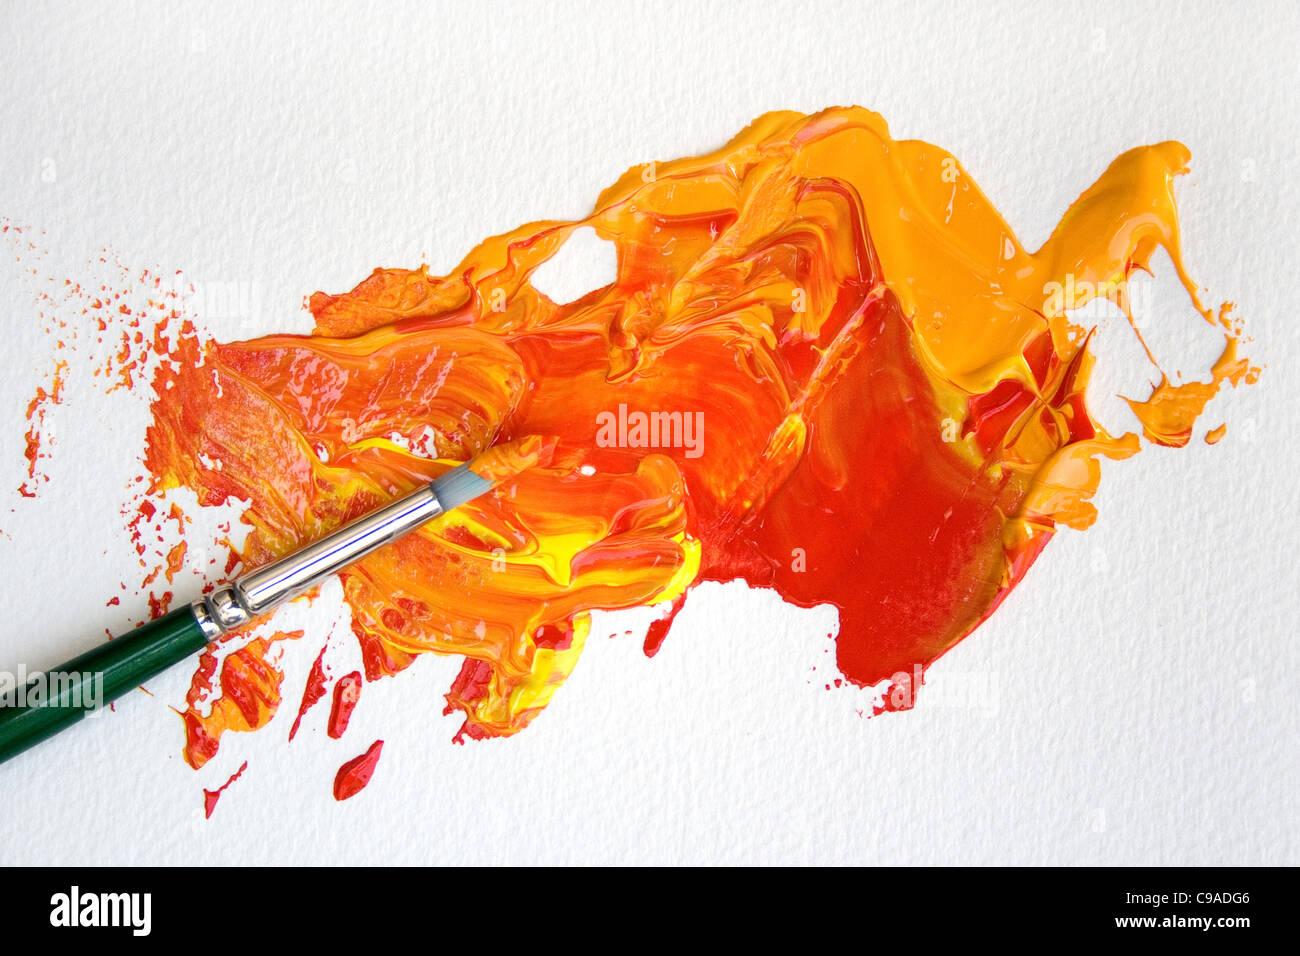 Orange Paint Brush - Stock Image